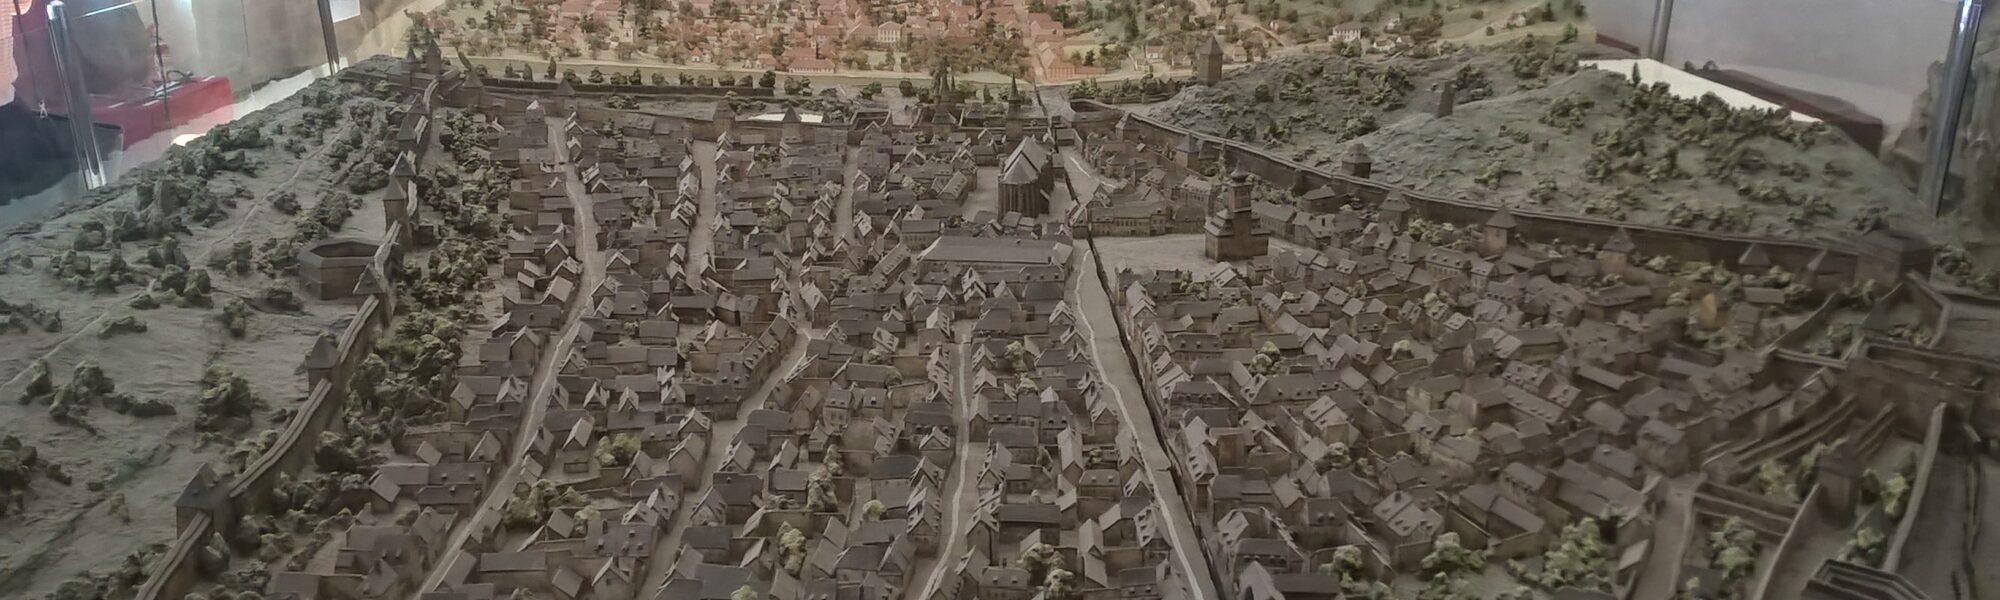 """Comorile mai puțin știute ale Brașovului – I – Muzeul """"Bastionul Țesătorilor"""" și vechea machetă a orașului"""